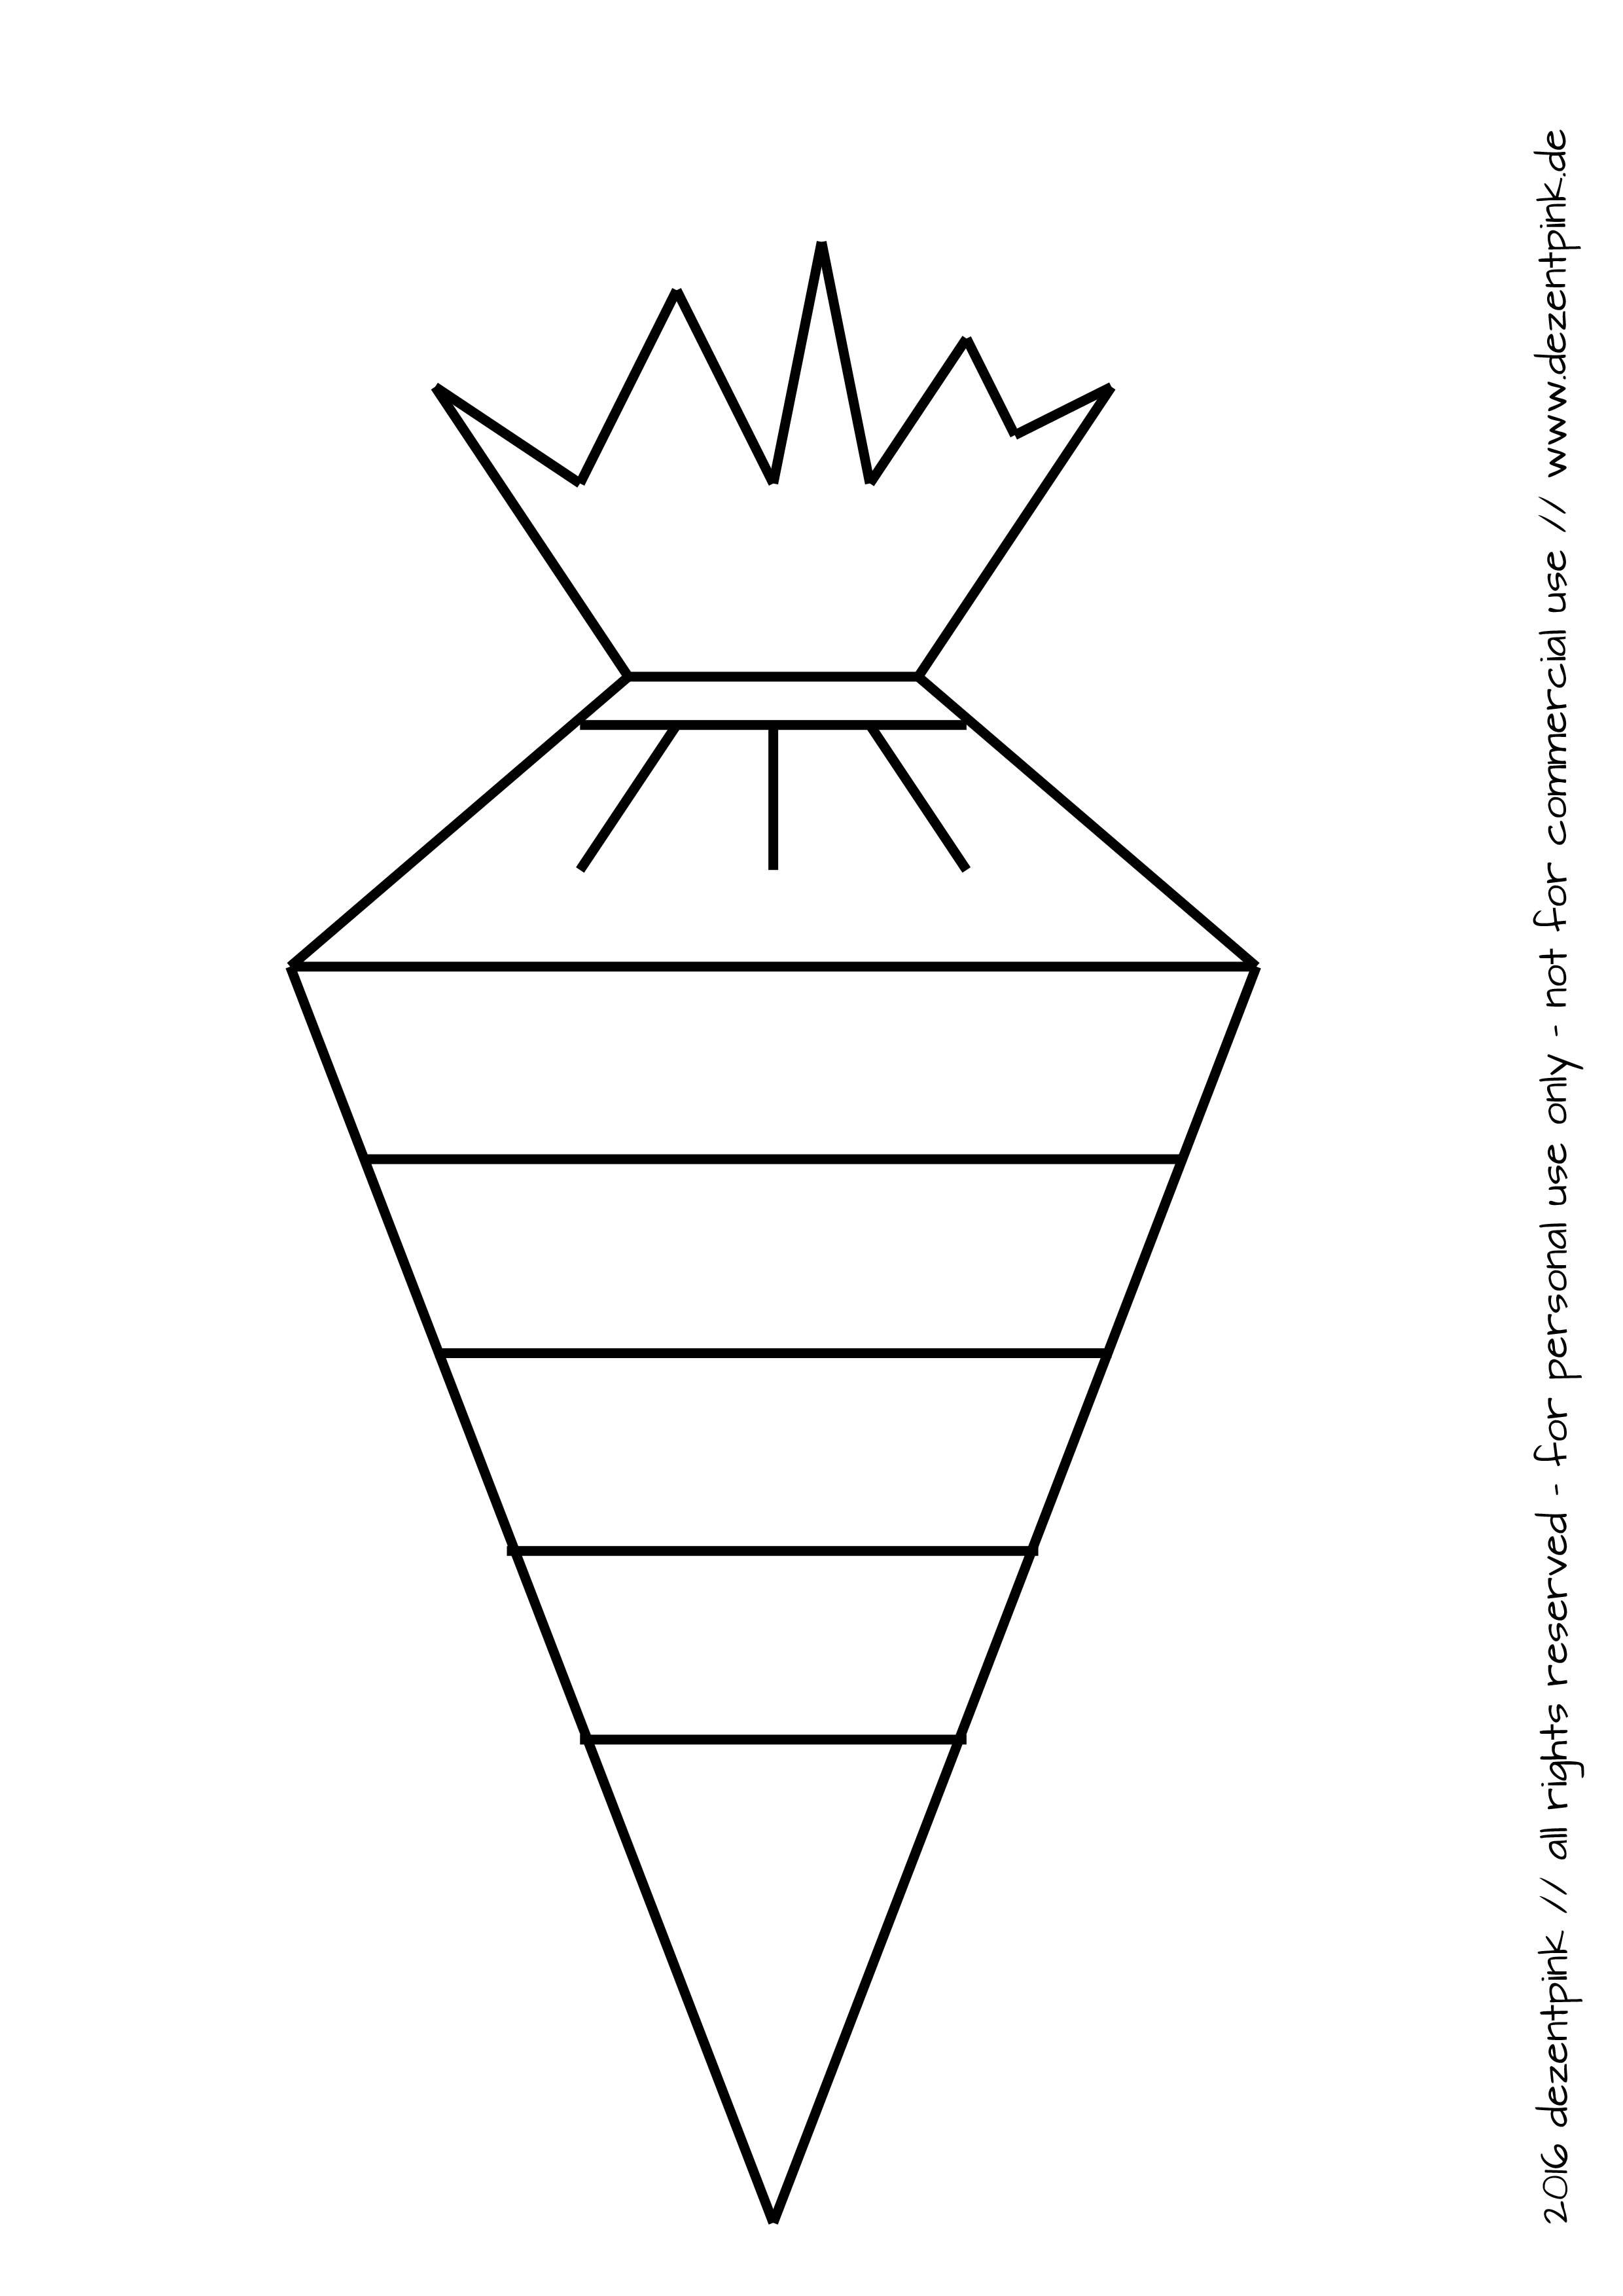 Zwei Schultüten Malvorlagen für Euch. - DEZENTPINK - DIY Ideen für